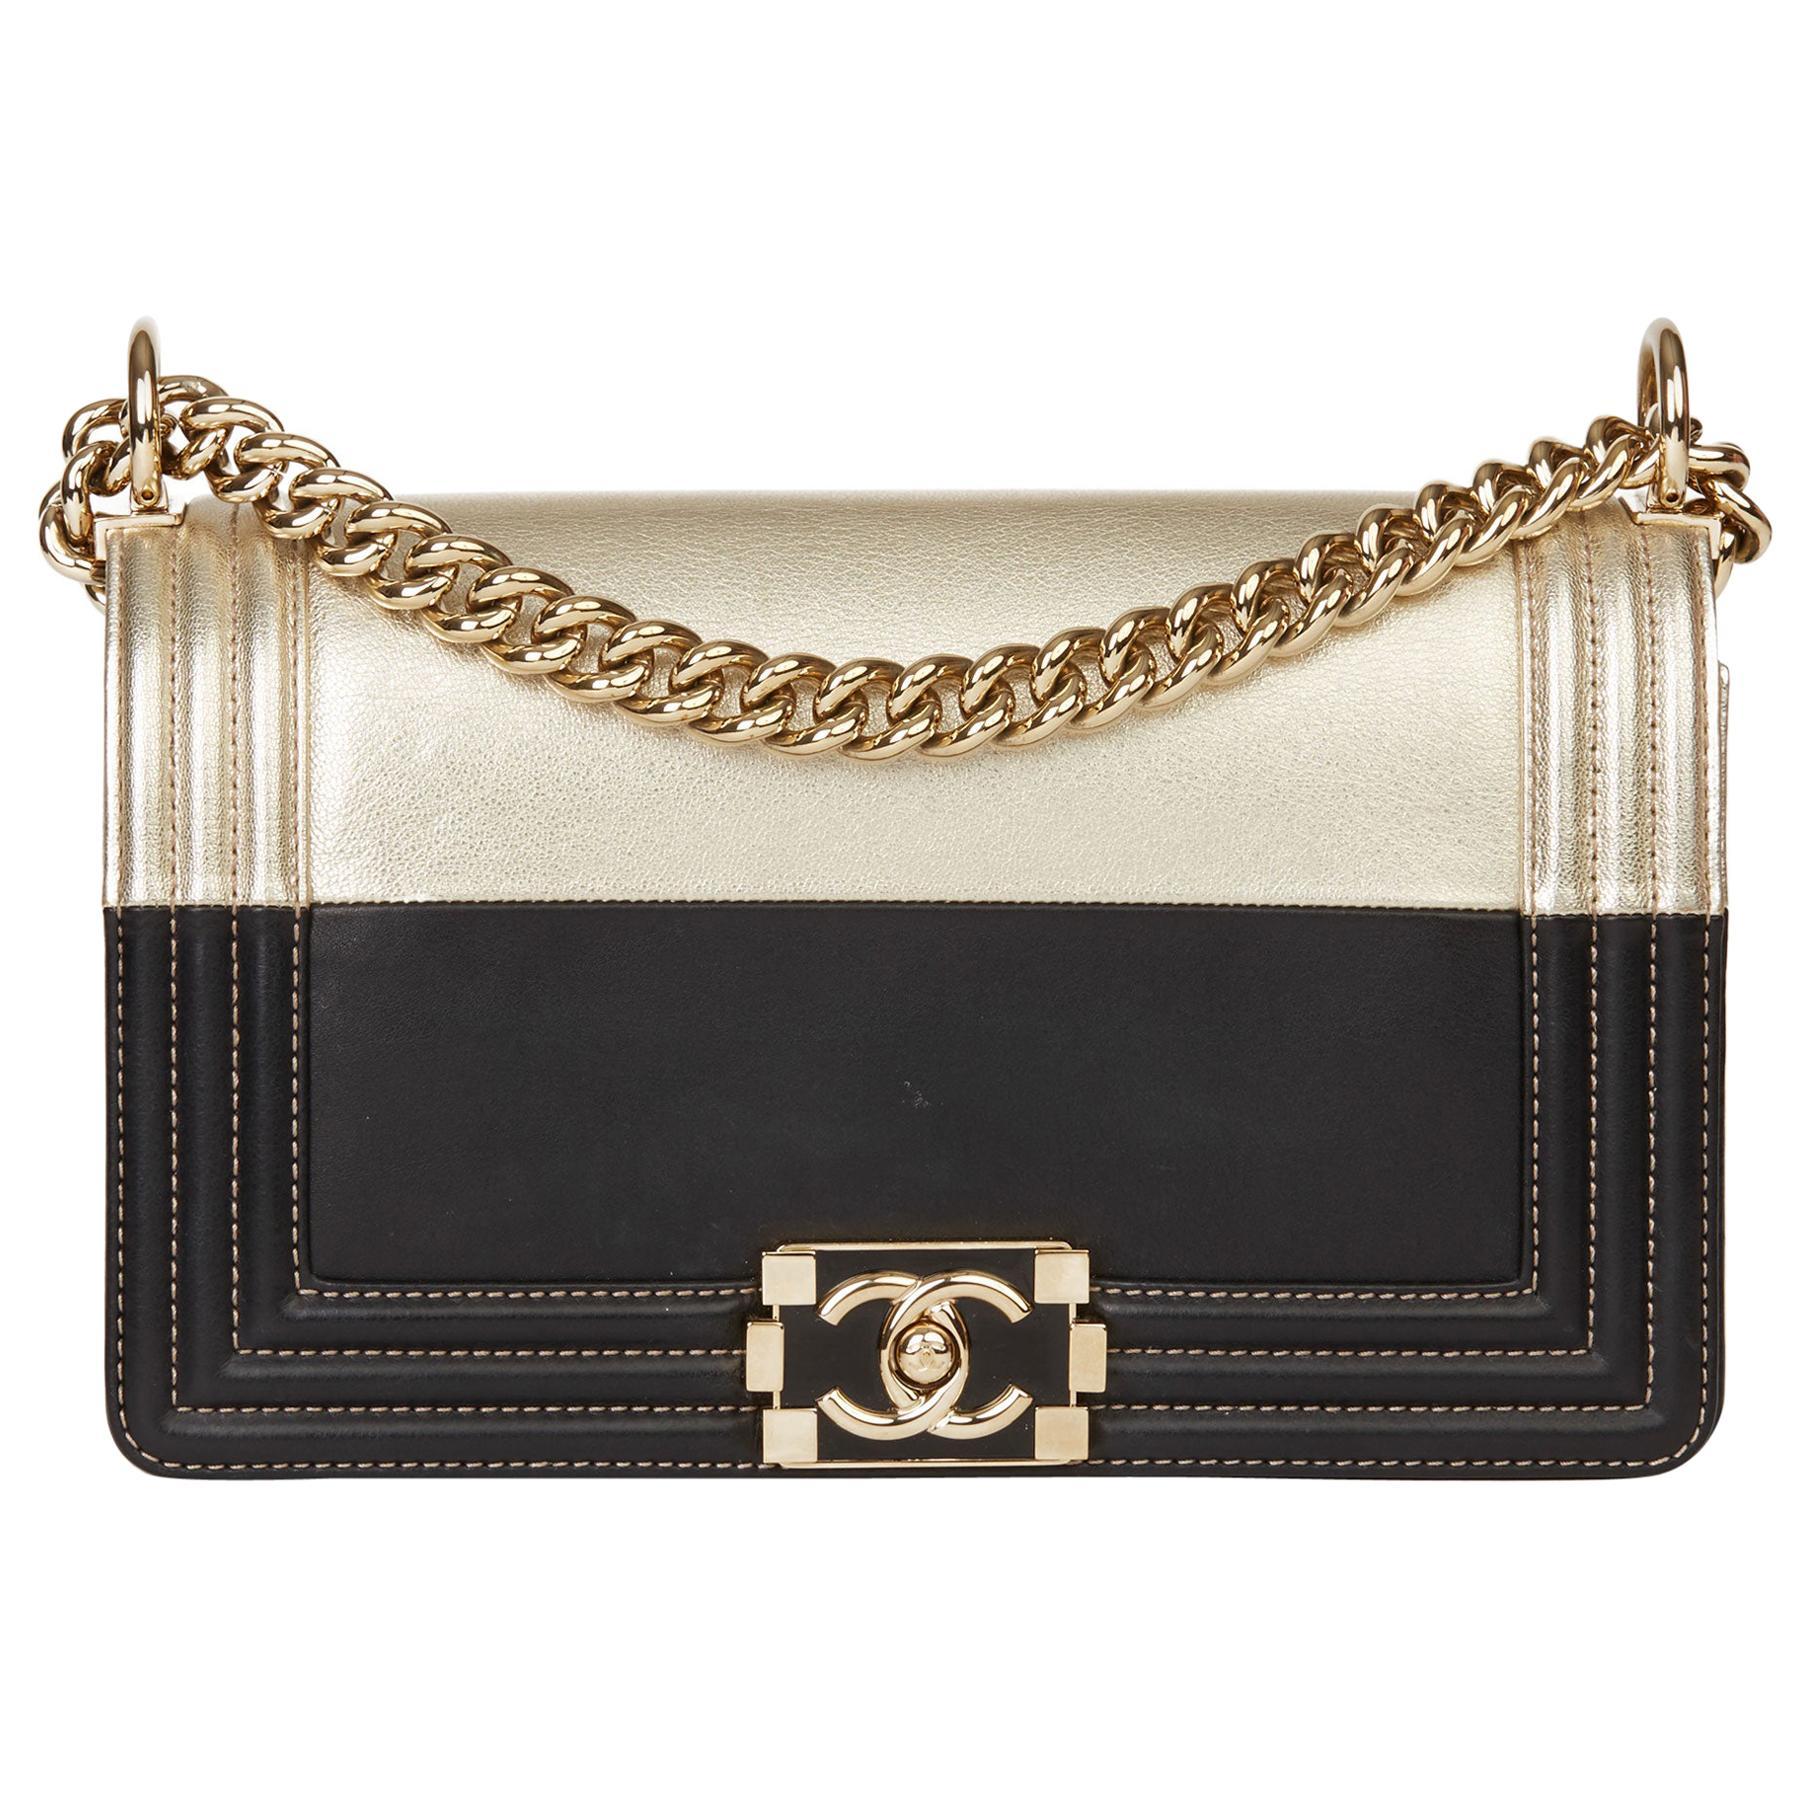 2017 Chanel Black Lambskin & Gold Chevre Goatskin Leather Le Boy